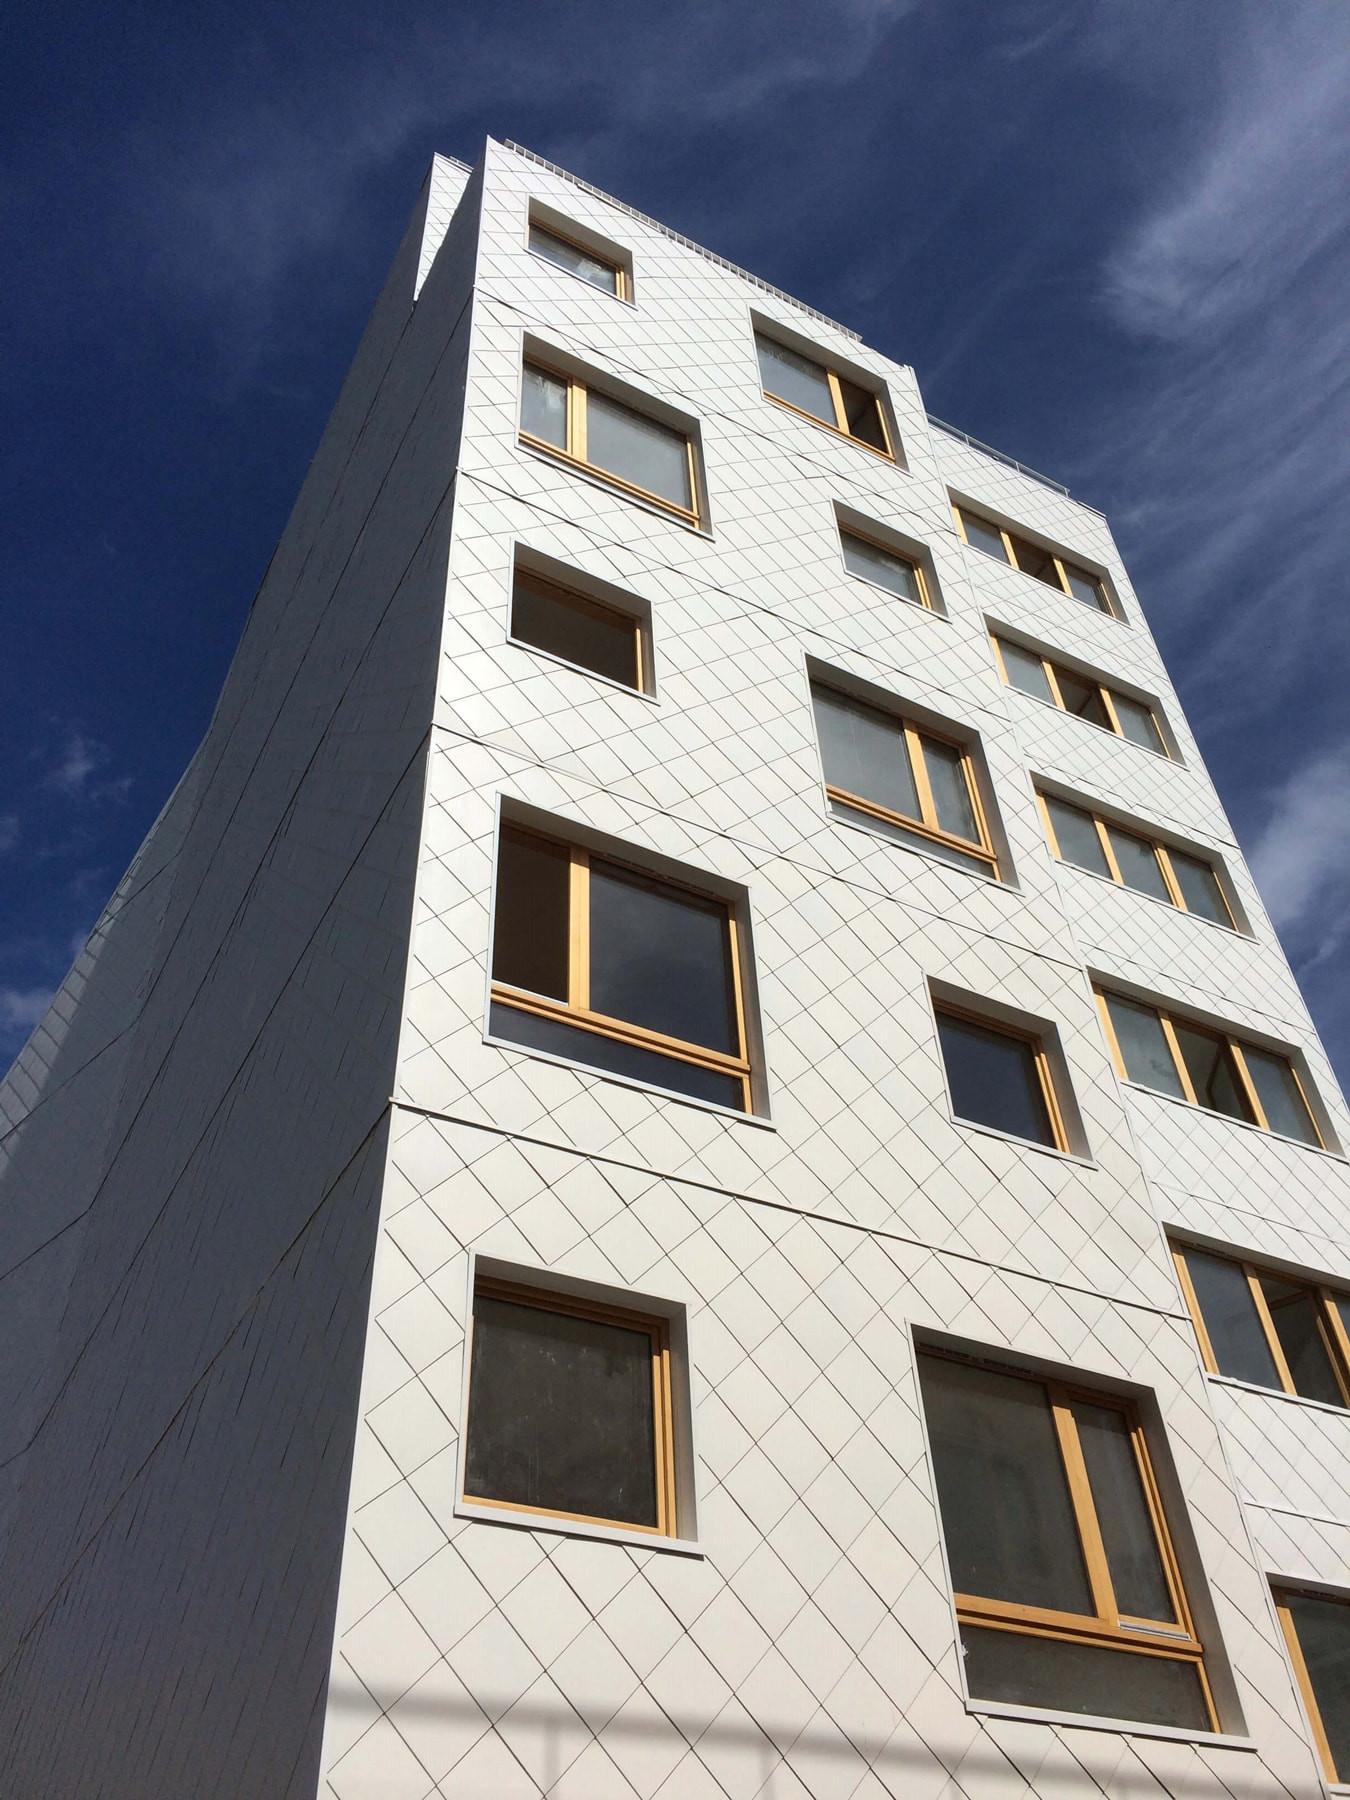 graam-wolokura-02-logements-montreuil-exterieur-bardage-ardoise-cour